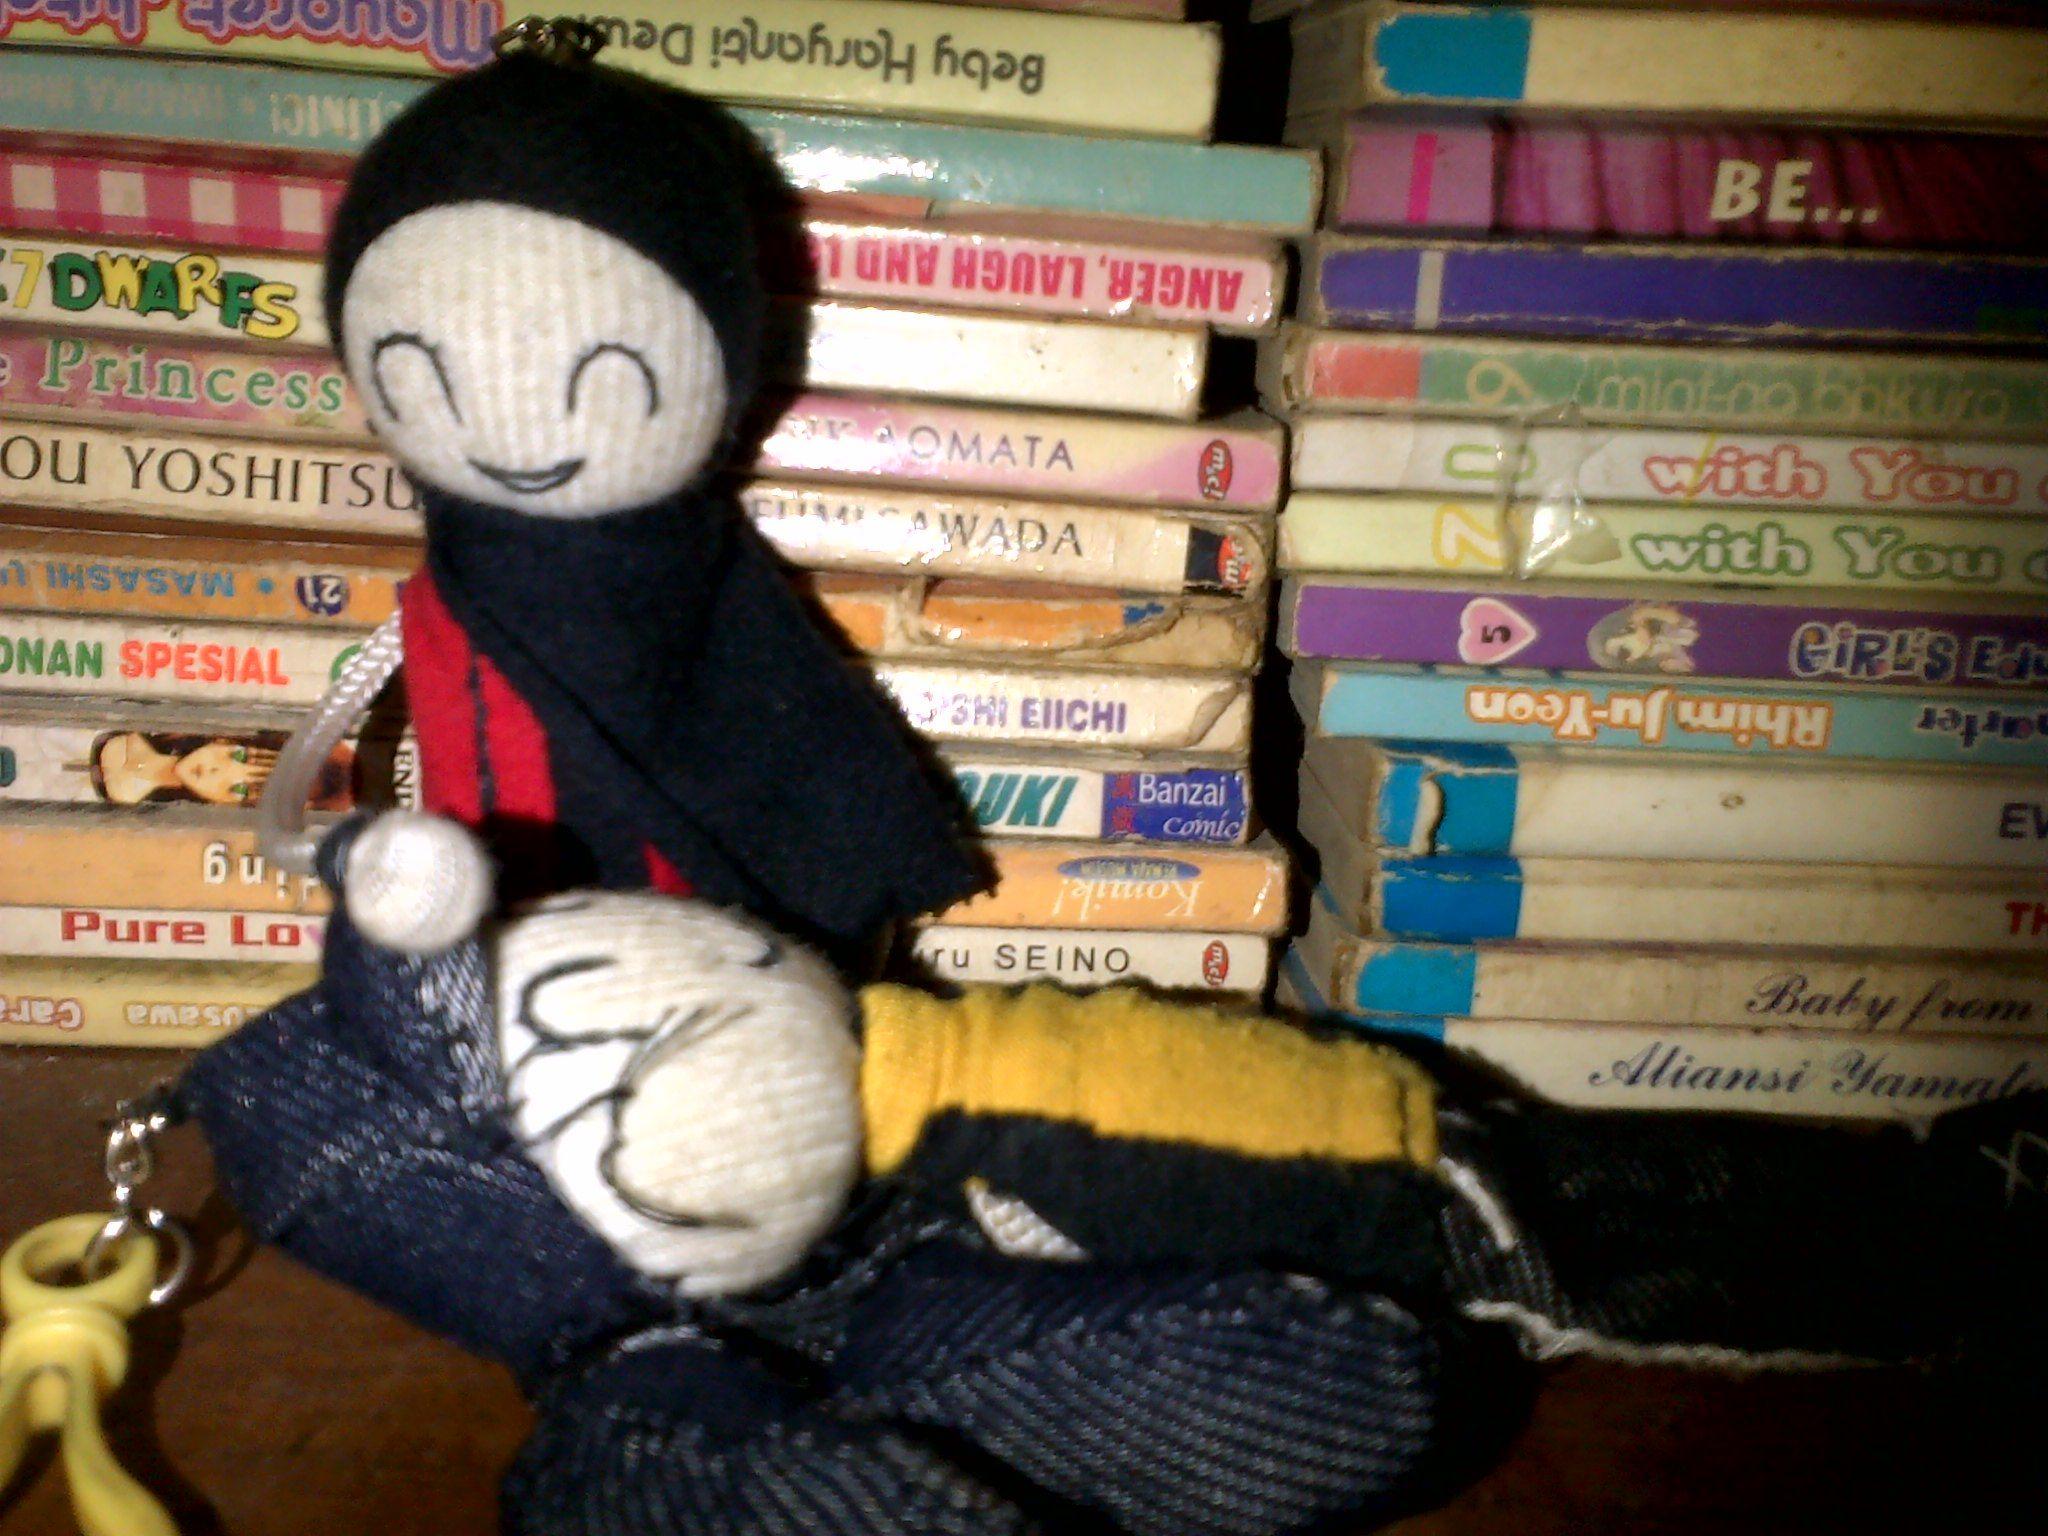 Boneka imut dari bahan kaos (Cute doll from t-shirt)